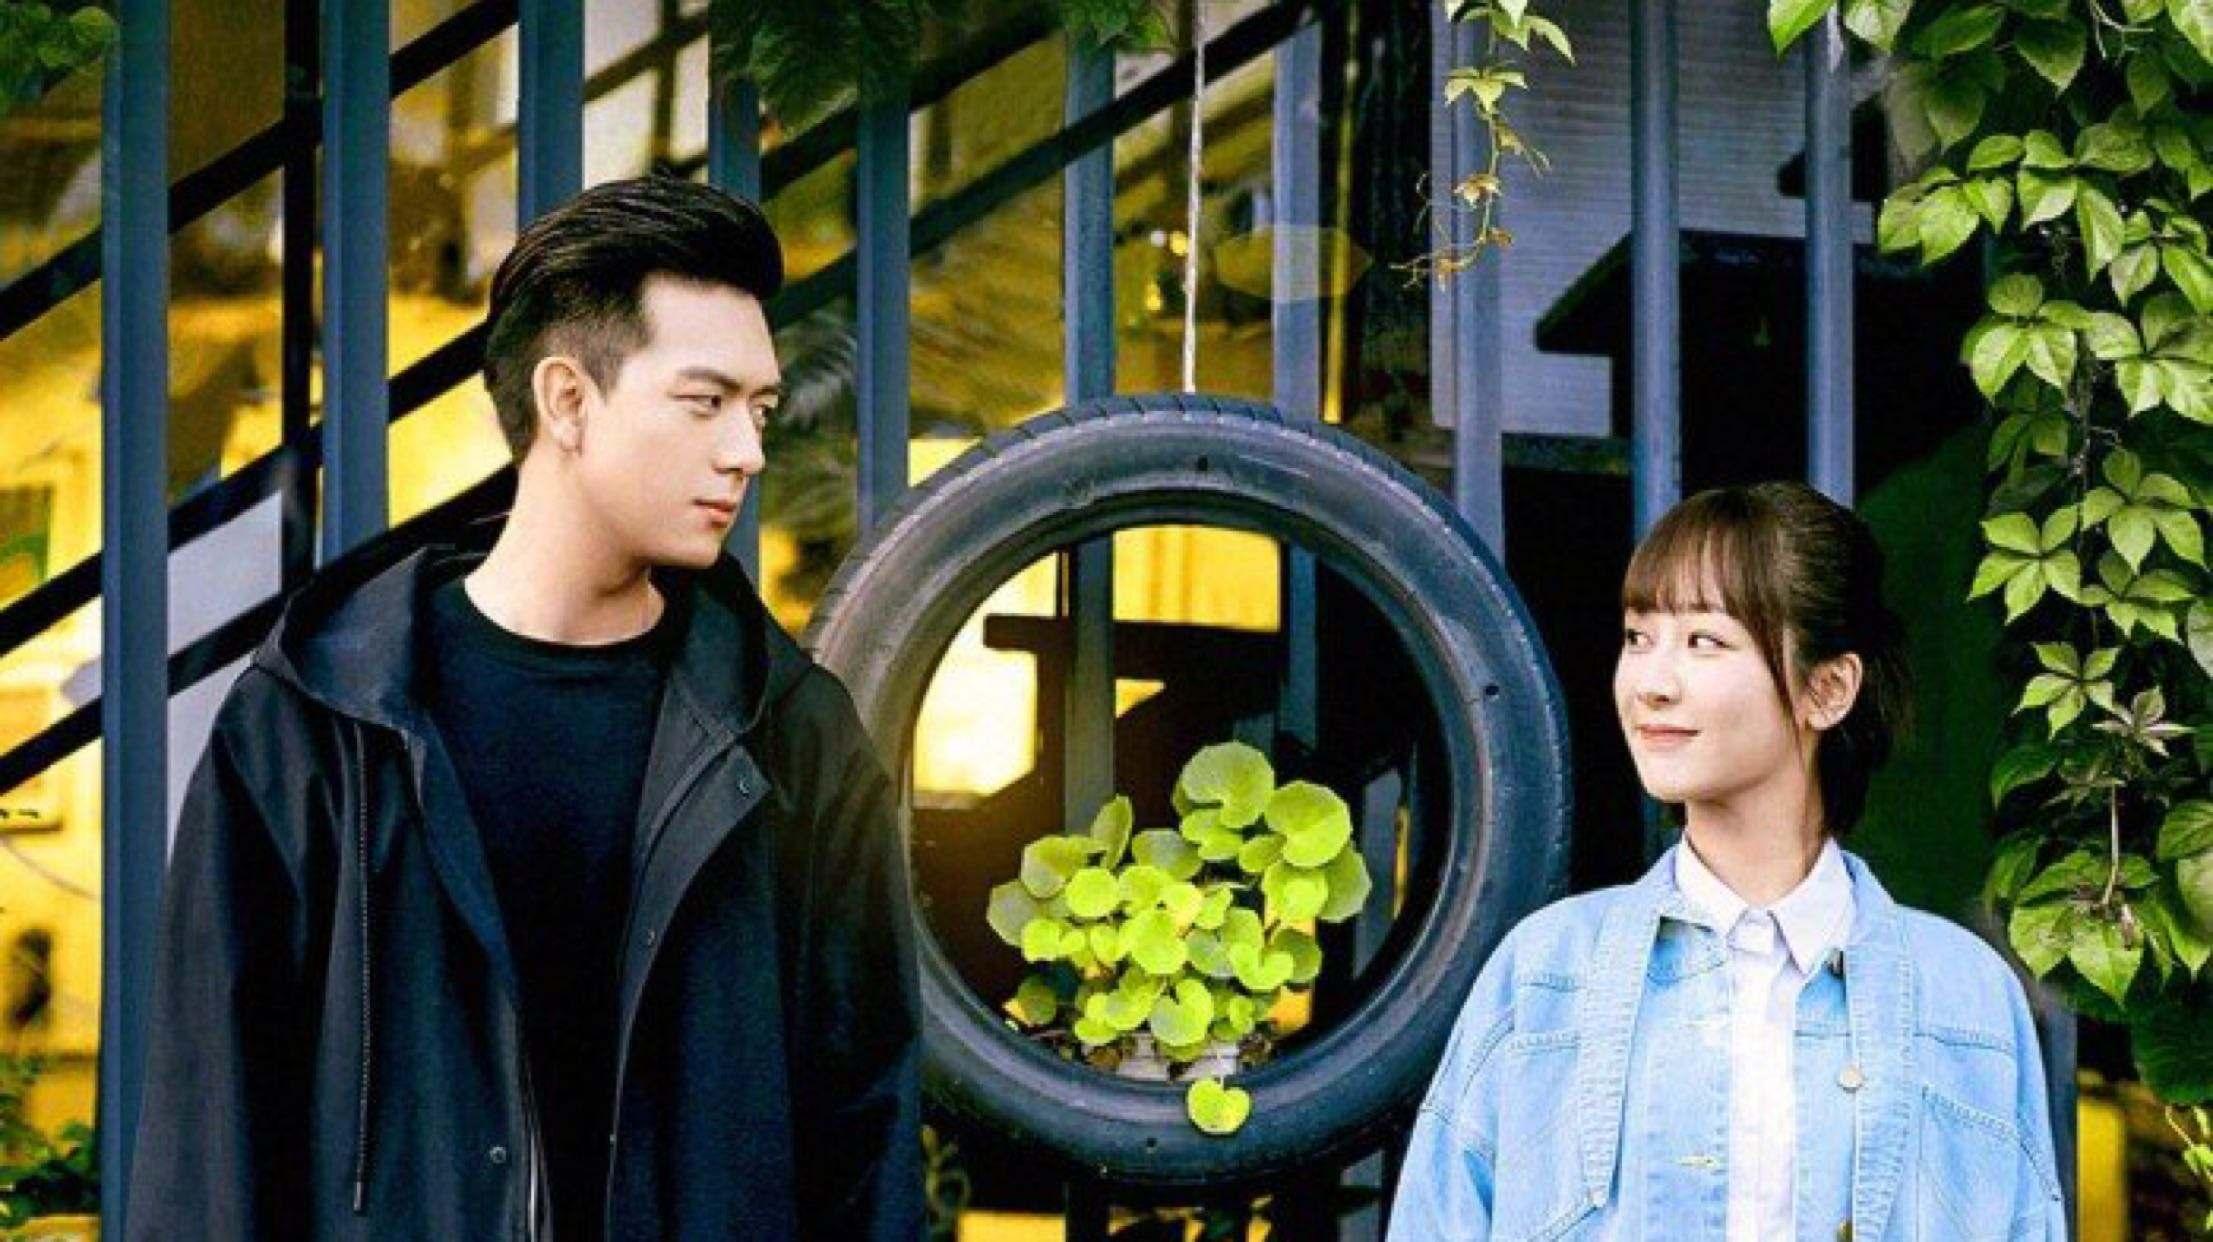 李现肖战首次合作,上演剧版 绾青丝 ,这样的神仙组合你期待吗